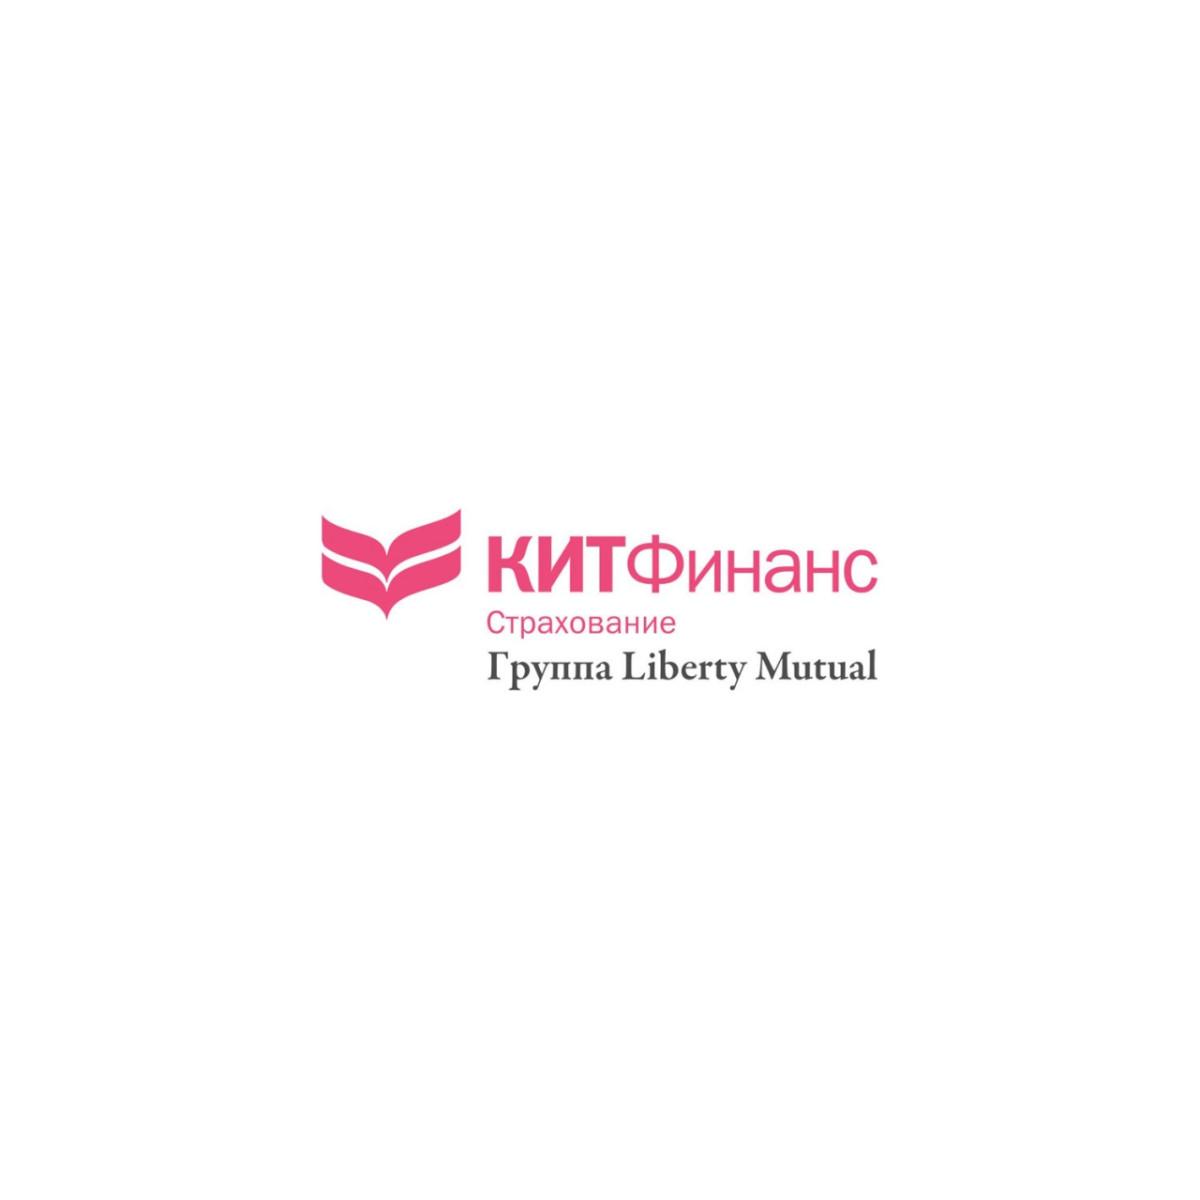 Фото: kfins.ru